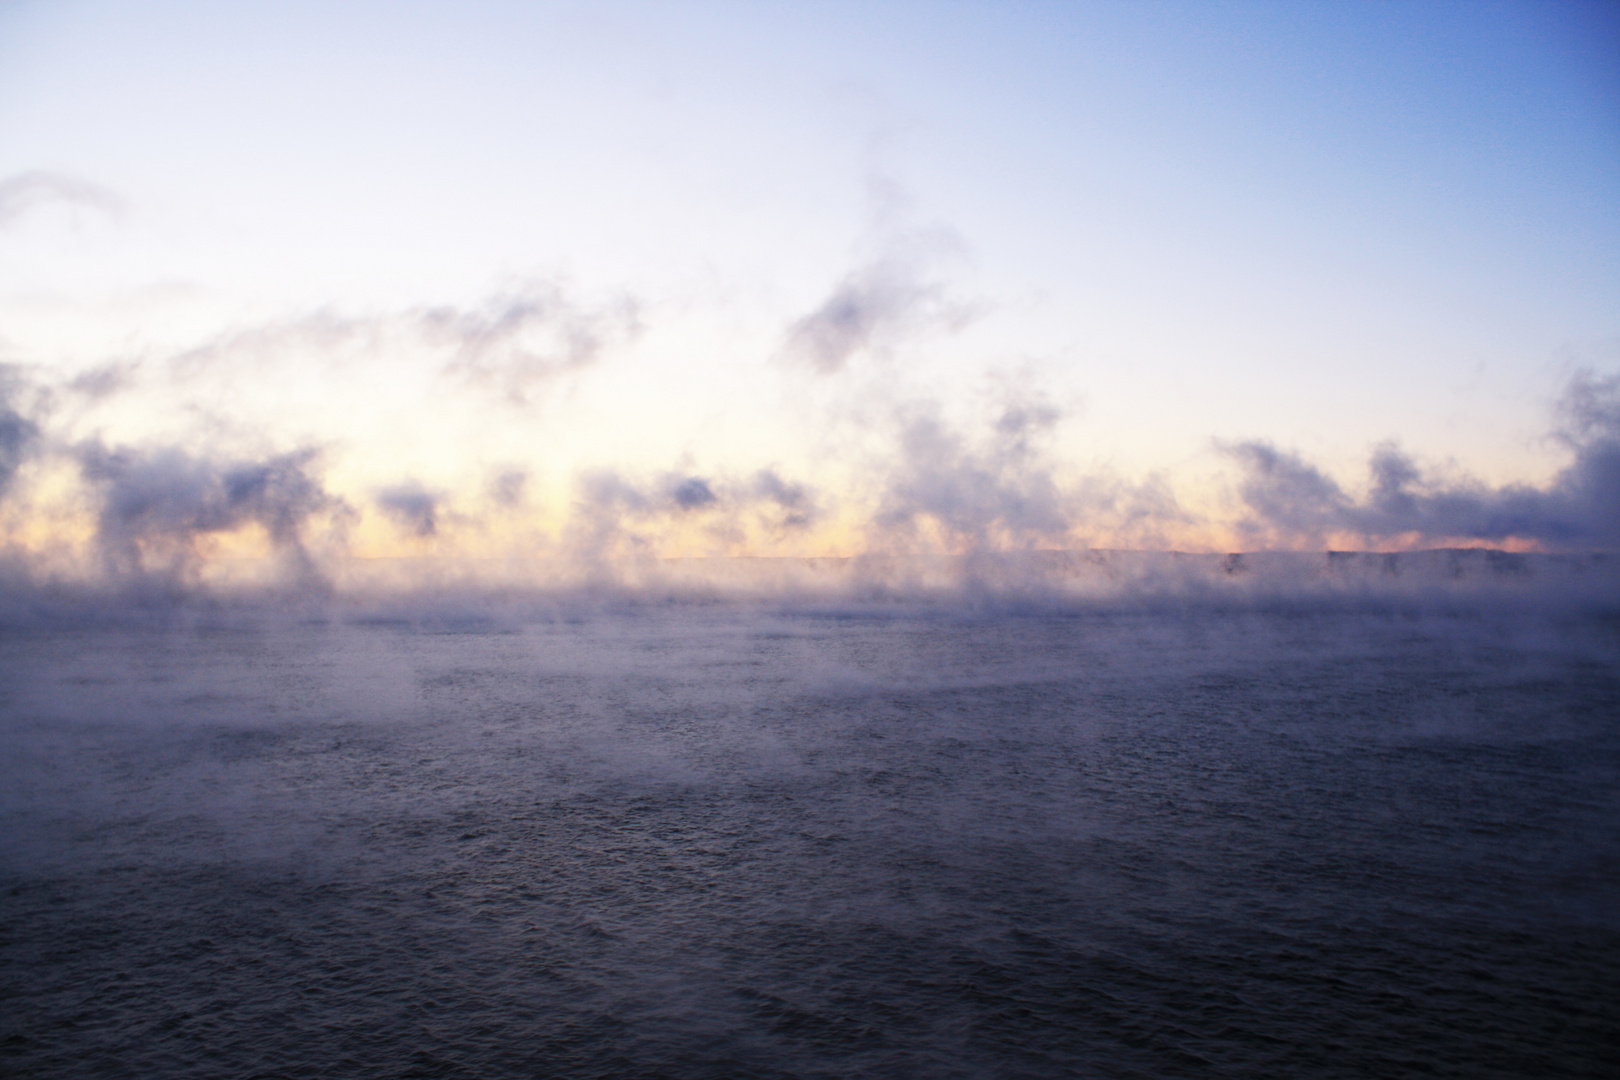 Das Grauen des Meeres .. oder die Schönheit?